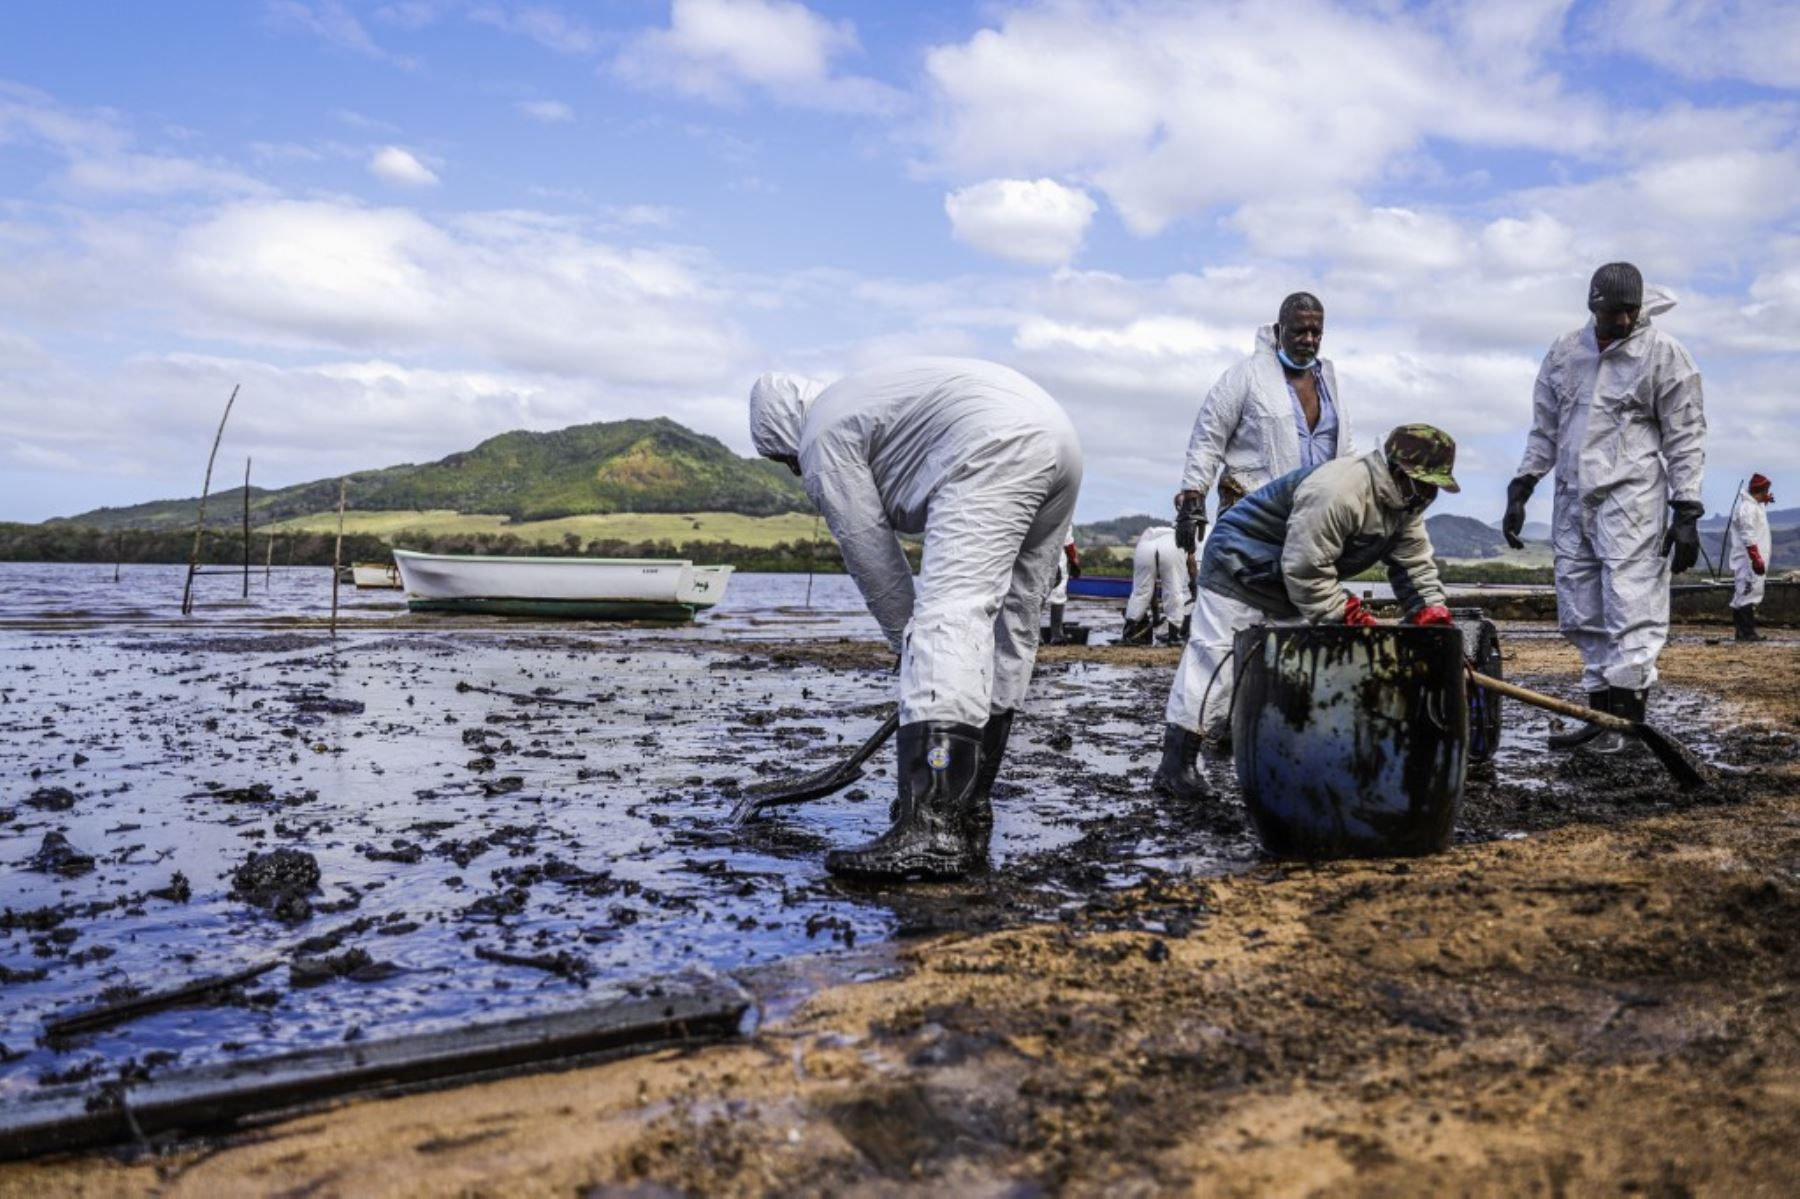 Personas extraen aceite derramado del buque MV Wakashio, perteneciente a una empresa japonesa que encalló y provocó una fuga de petróleo cerca del Blue Bay Marine Park. Foto: AFP